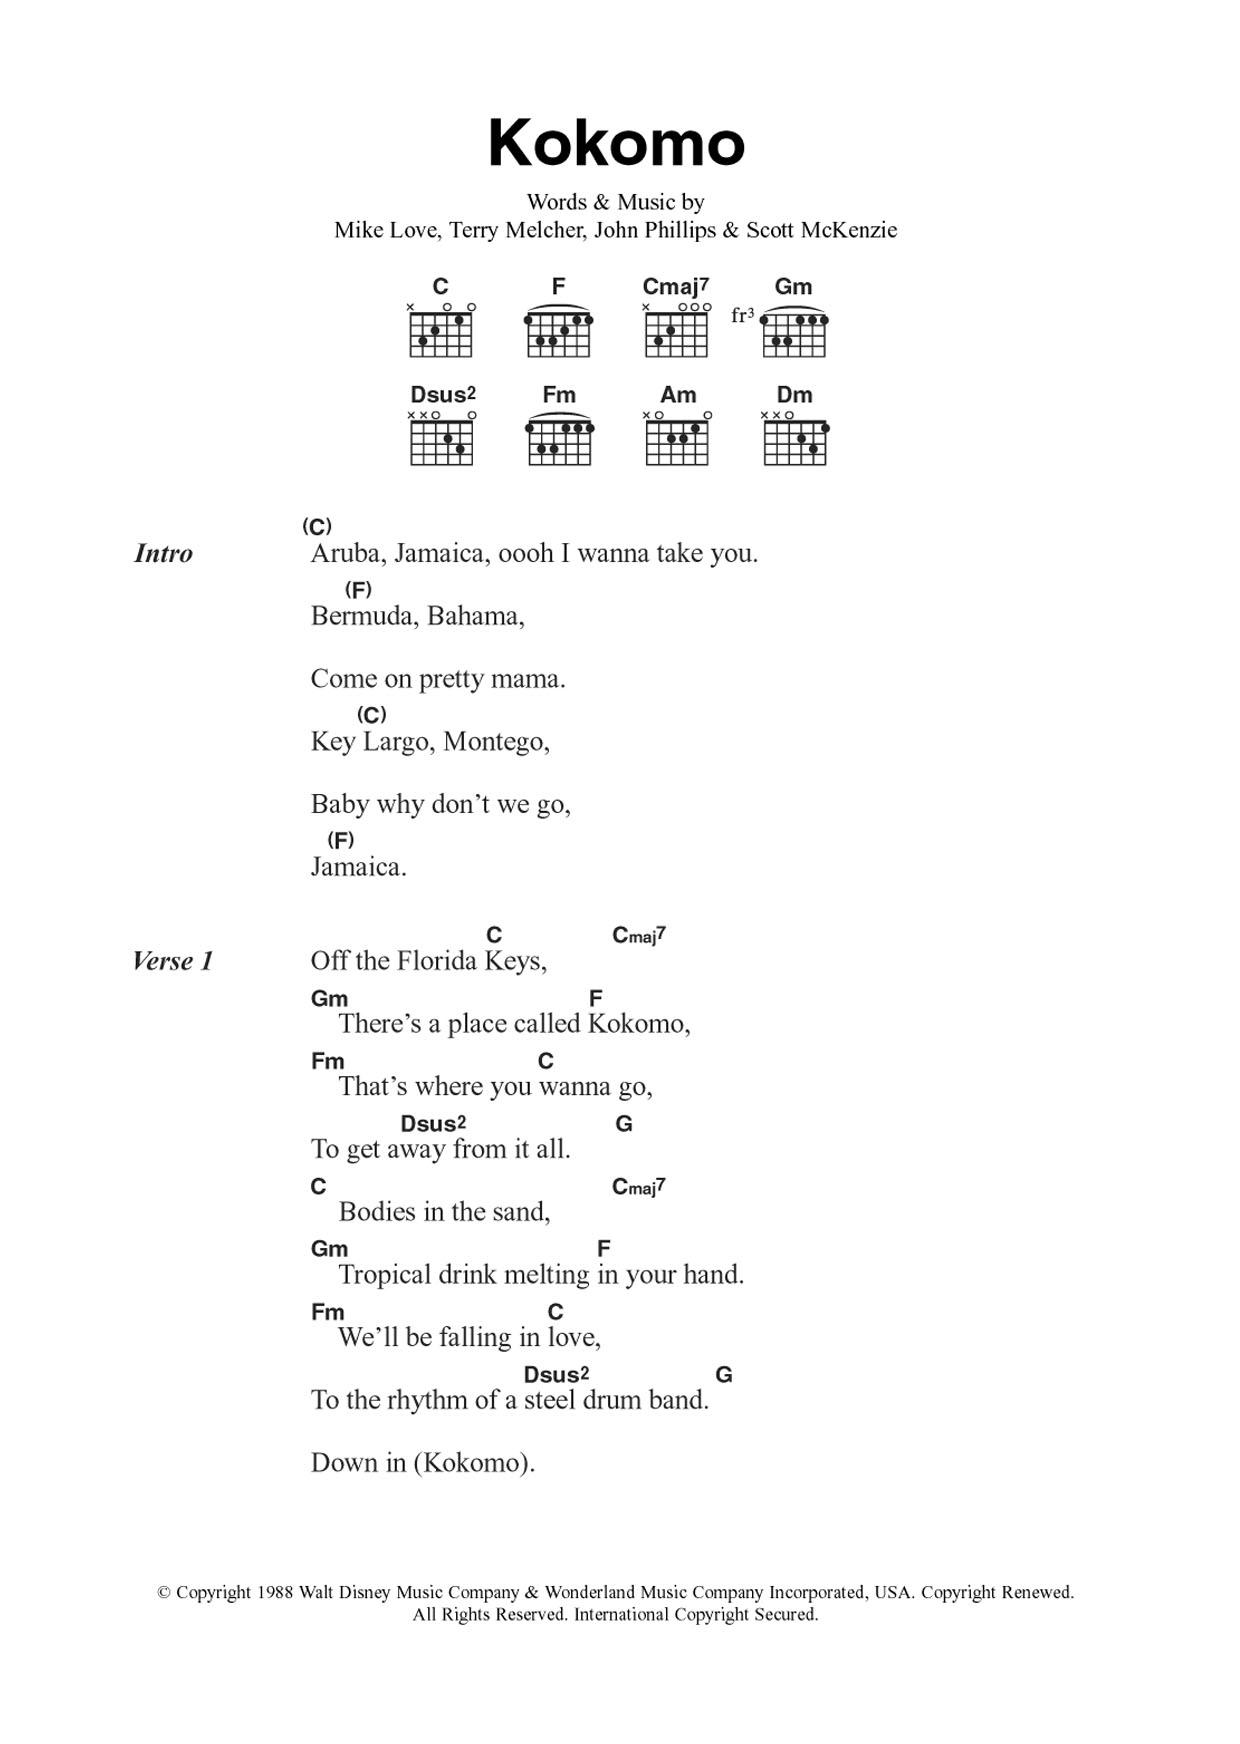 Kokomo Sheet Music